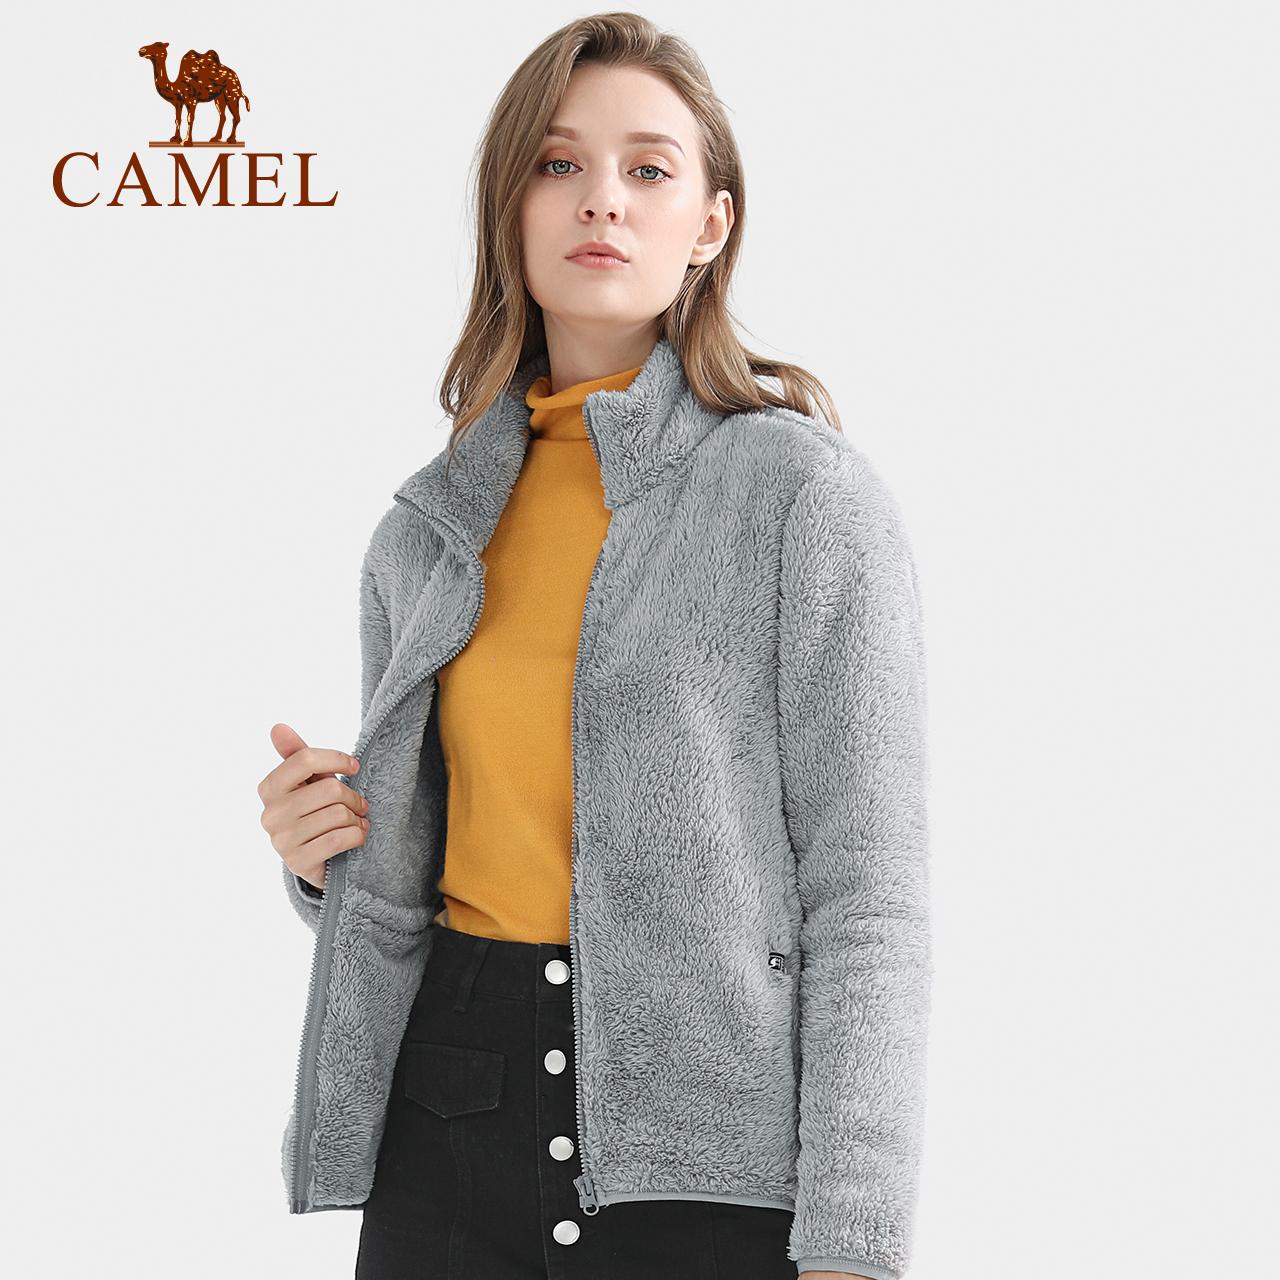 骆驼户外抓绒衣女款 秋季新款长袖保暖亲肤立领开衫抓绒衣外套  2020